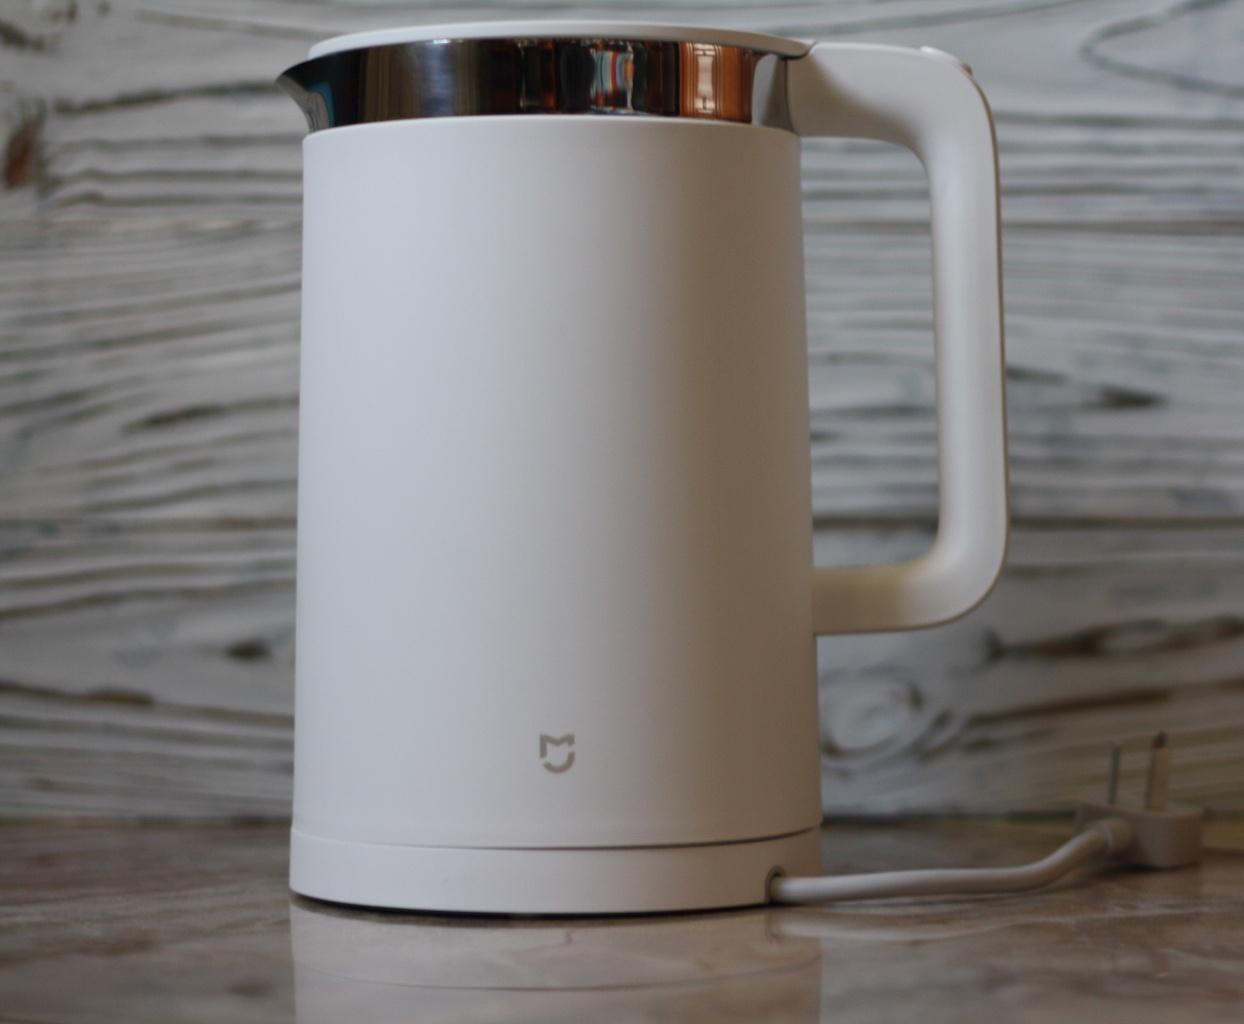 Все время горячая вода с чайником Xiaomi MiJia Smart Kettle - 12